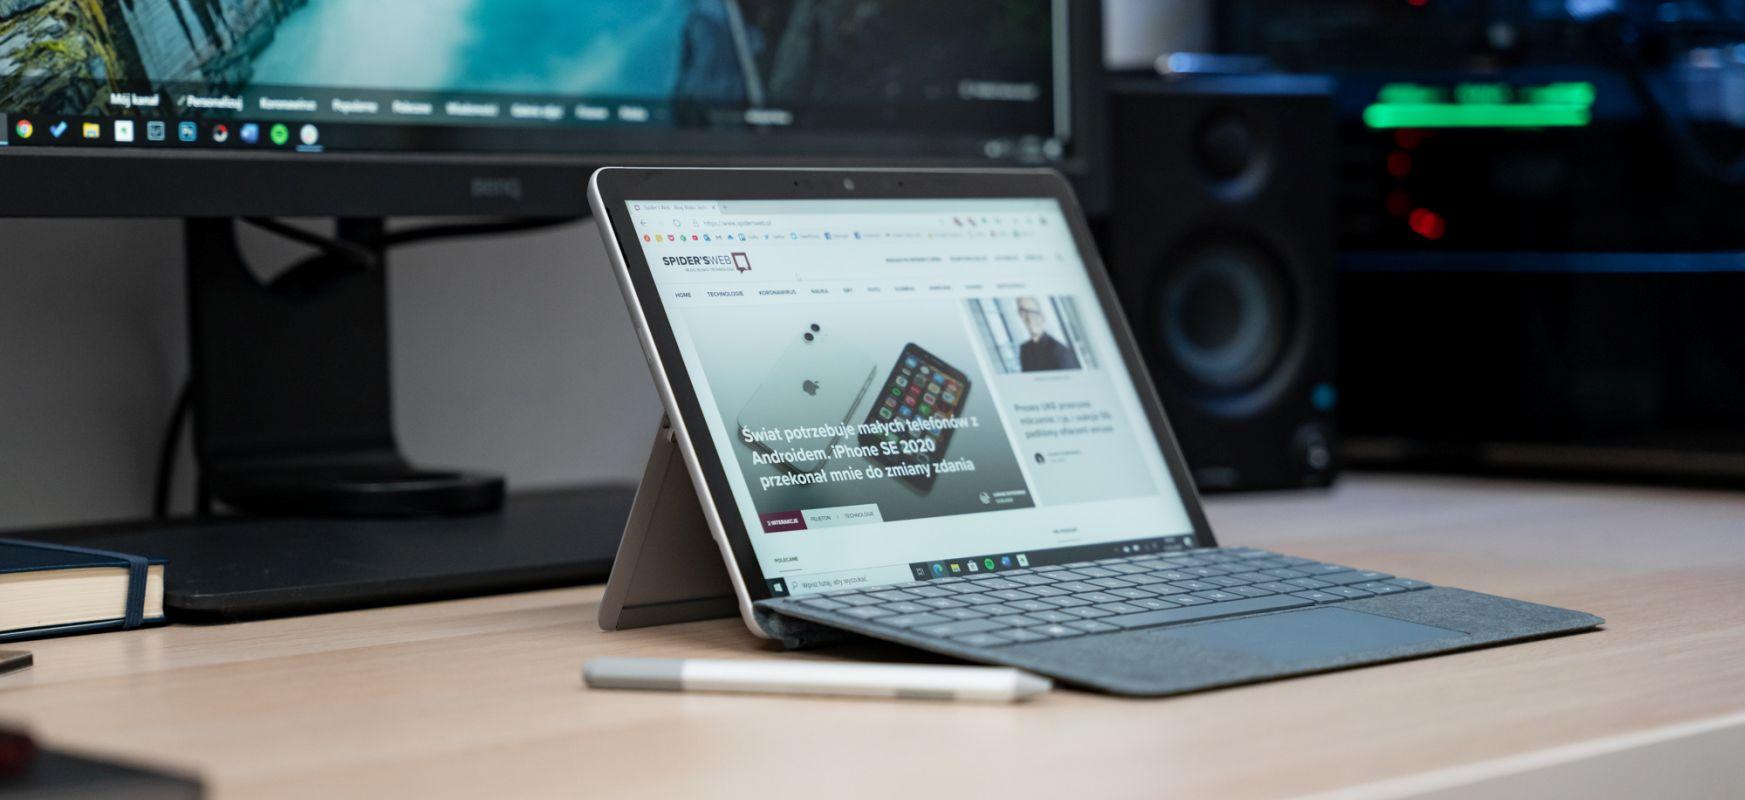 Ez dakit iPad-en aukeratzeko arrazoiren bat dagoen ala ez.  Microsoft Surface Go 2 - lehen inpresioak